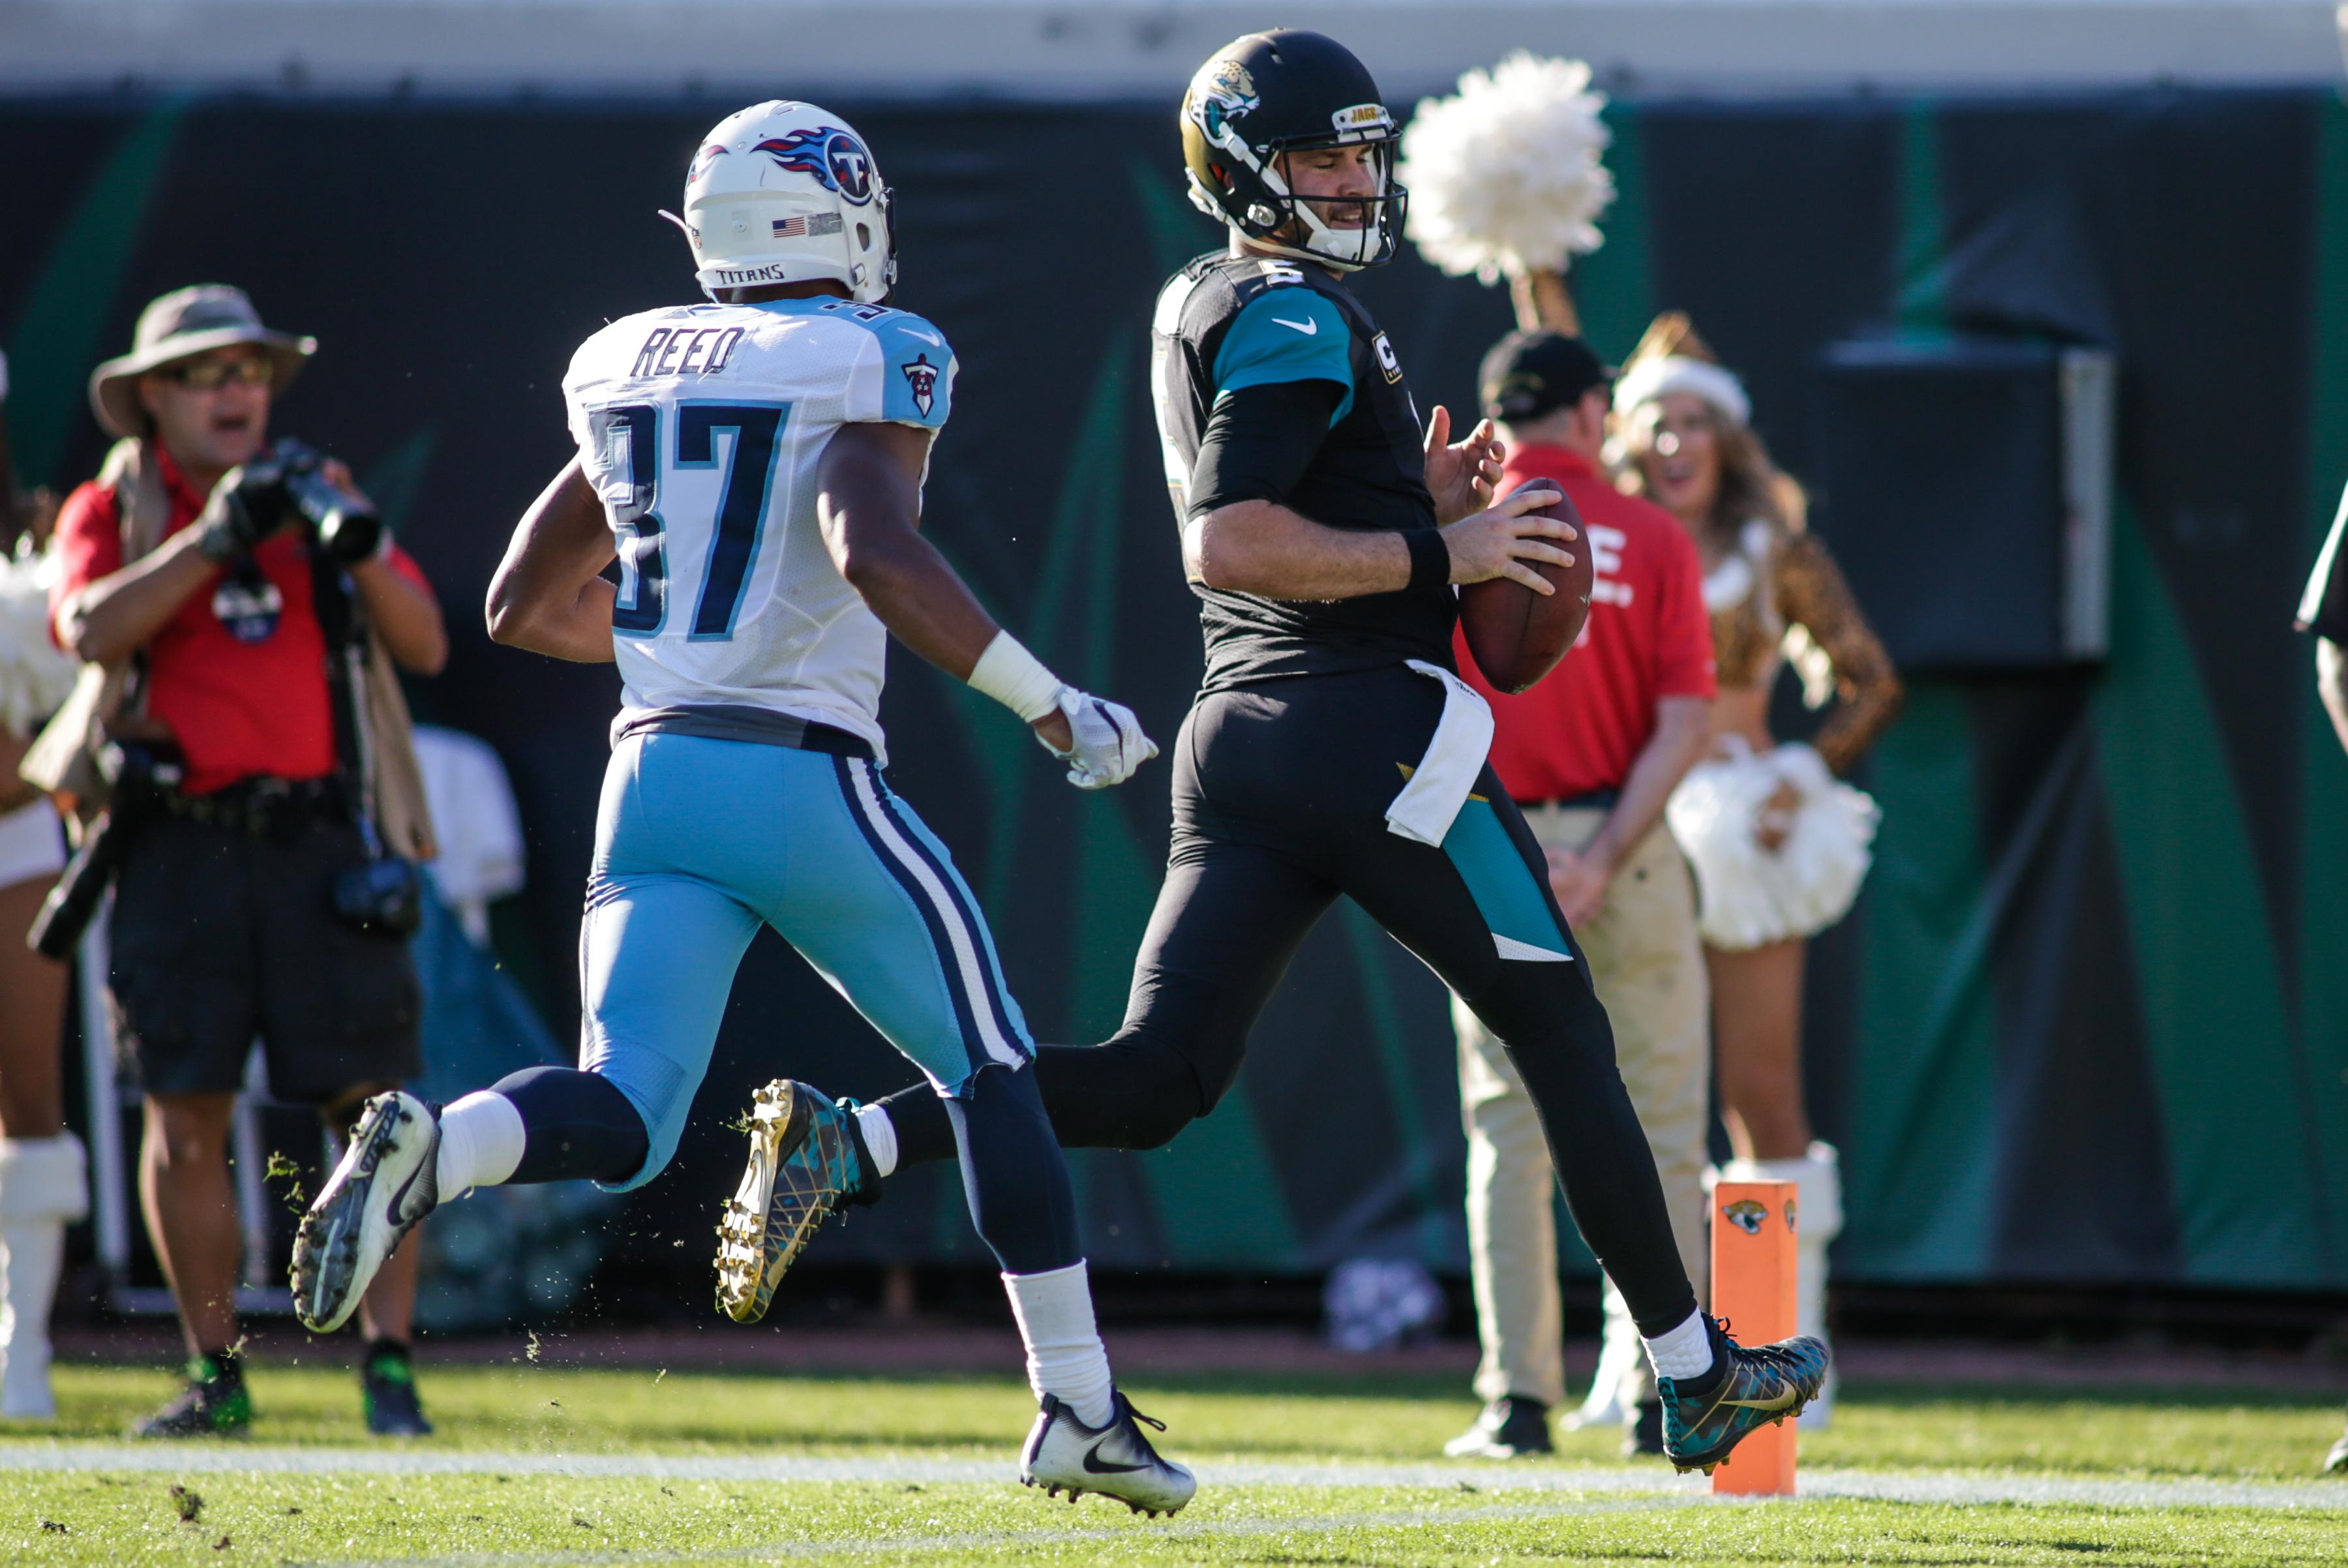 NFL: DEC 24 Titans at Jaguars